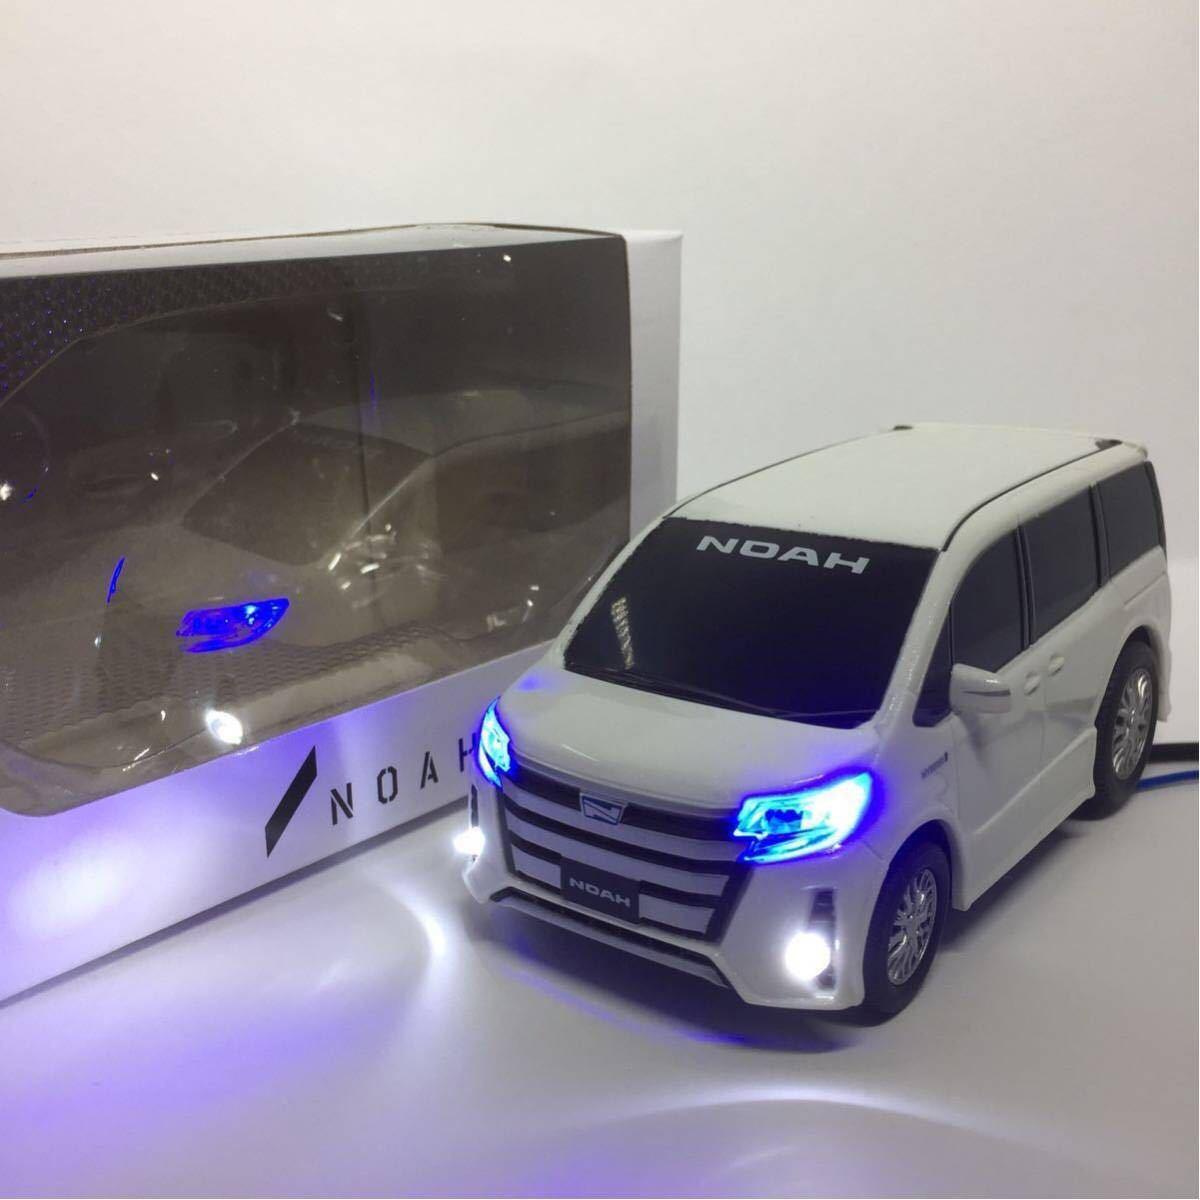 80系 ノア ハイブリッド ホワイト LED セキュリティ スキャナー プルバックカー ミニカー カラーサンプル